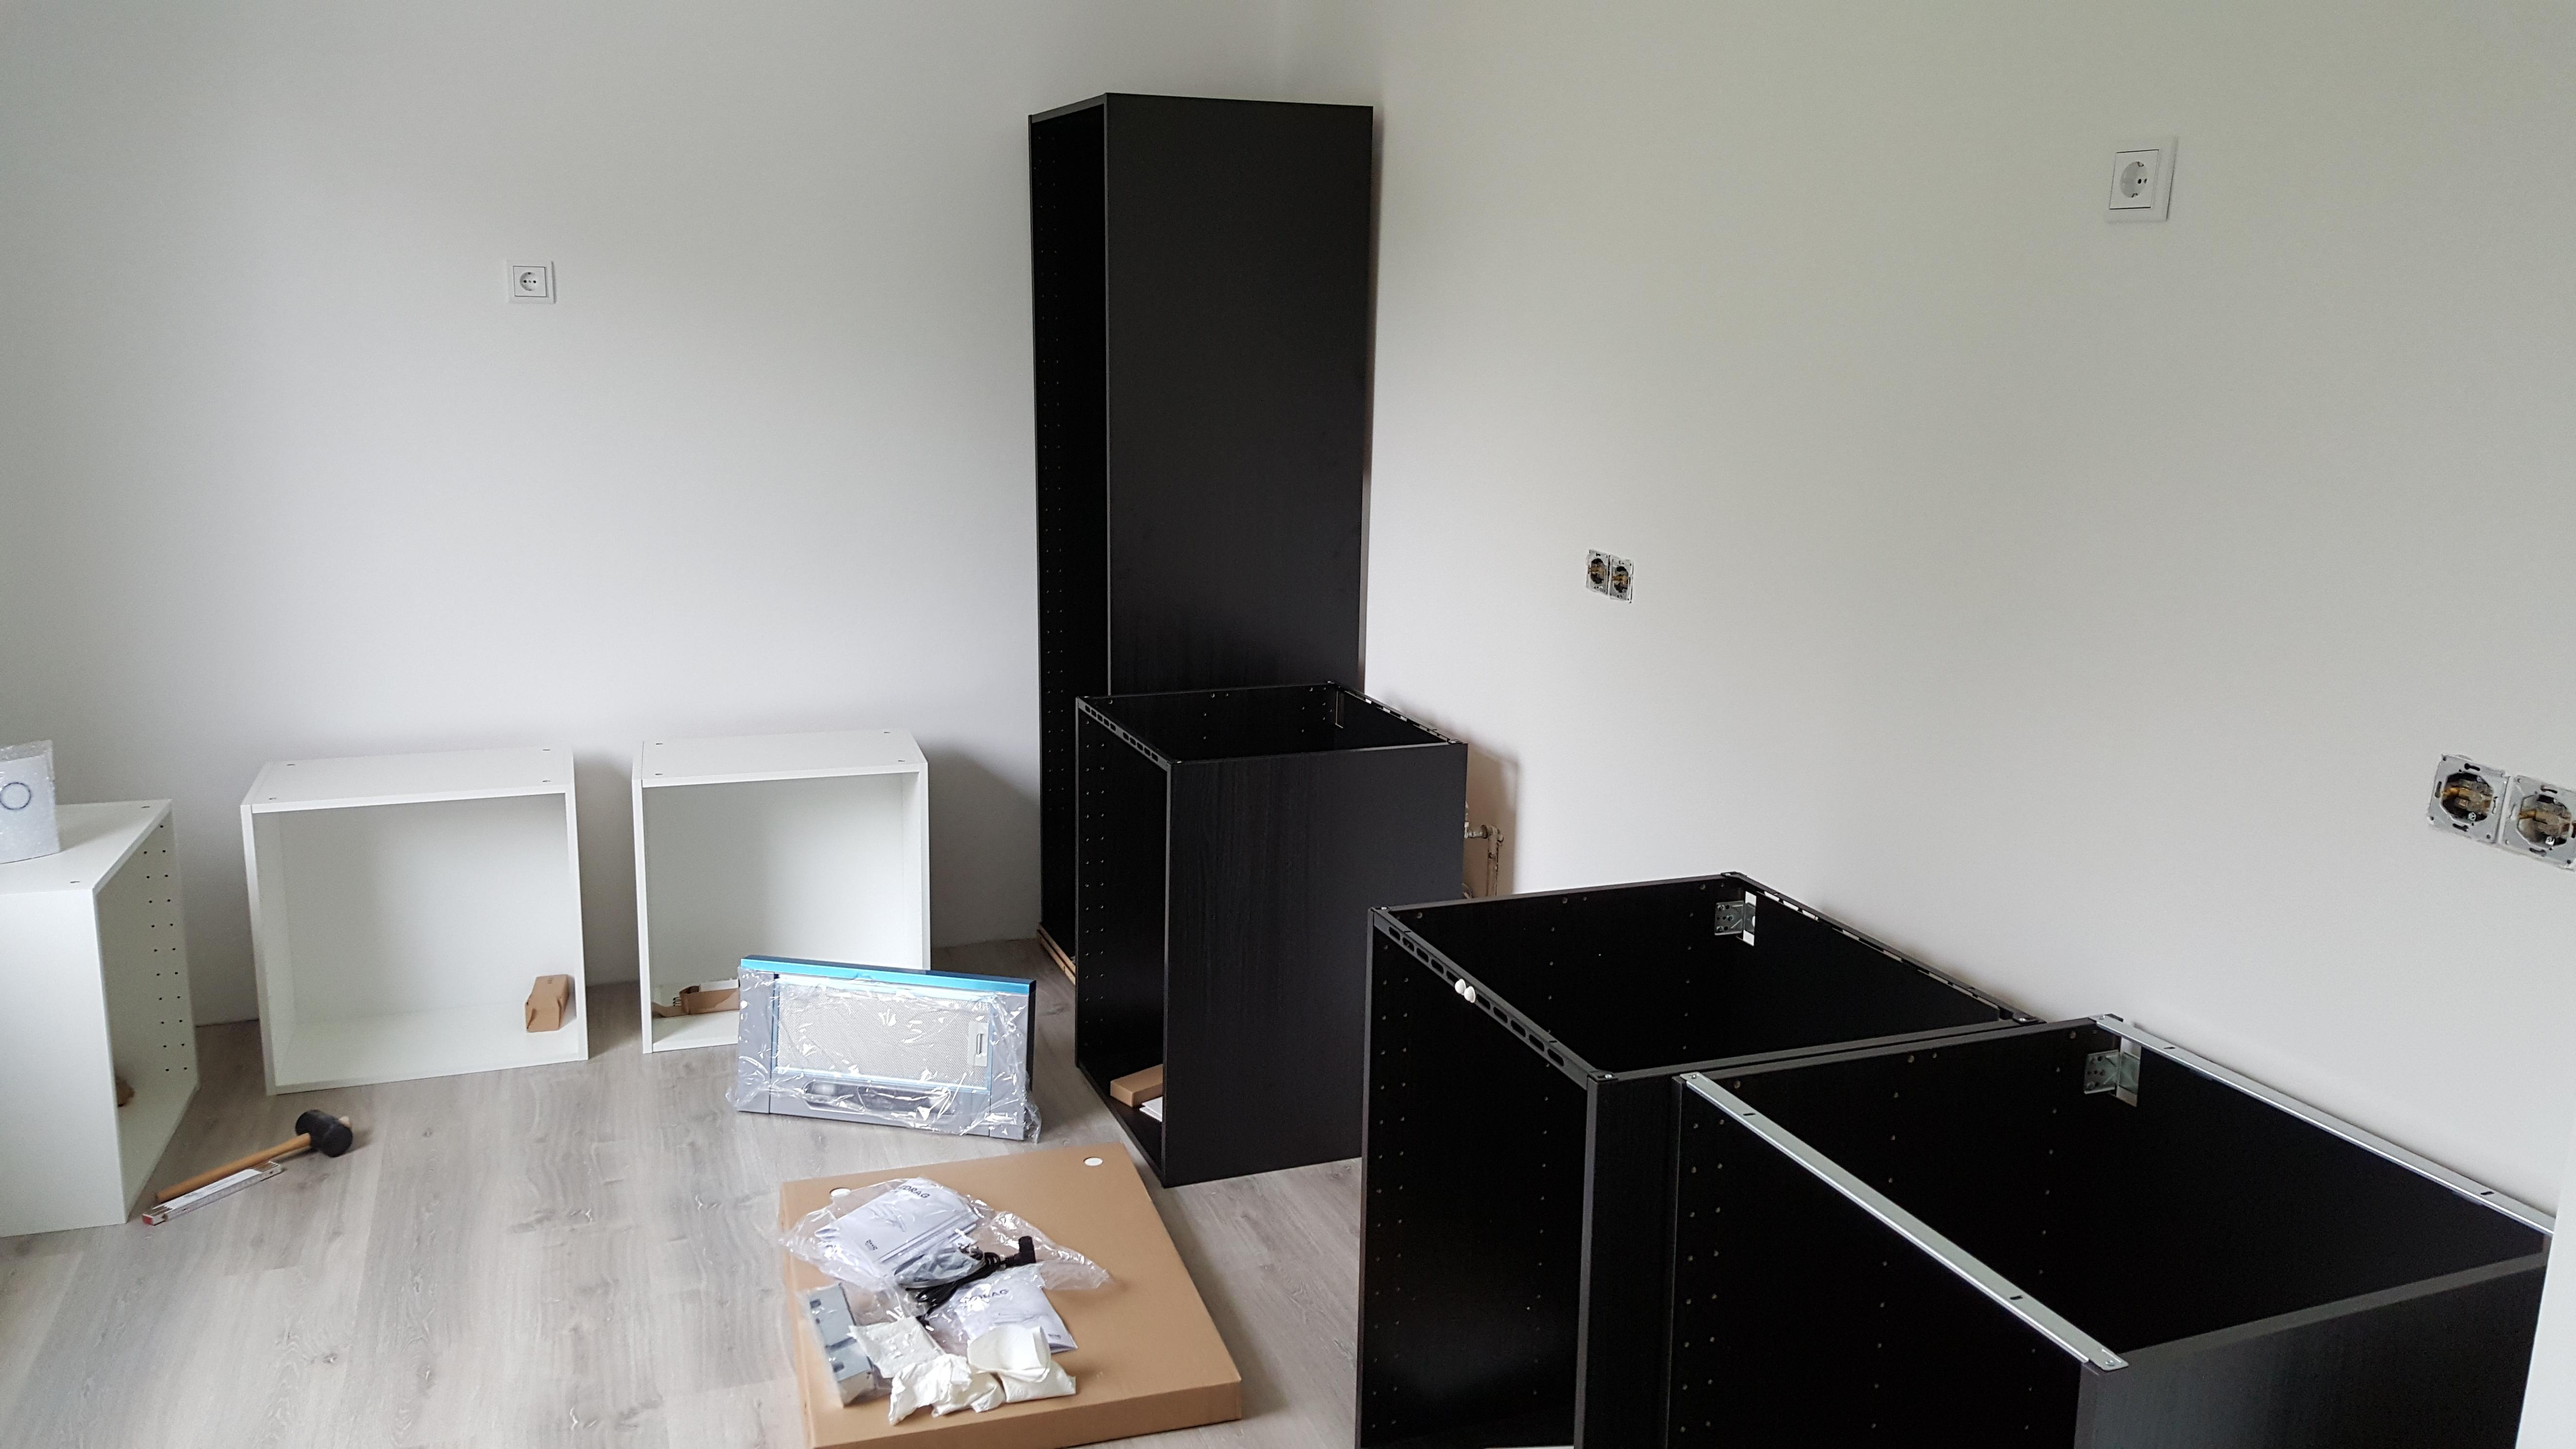 Küche - erste Küchenteile zusammengebaut | {Küchen teile 6}